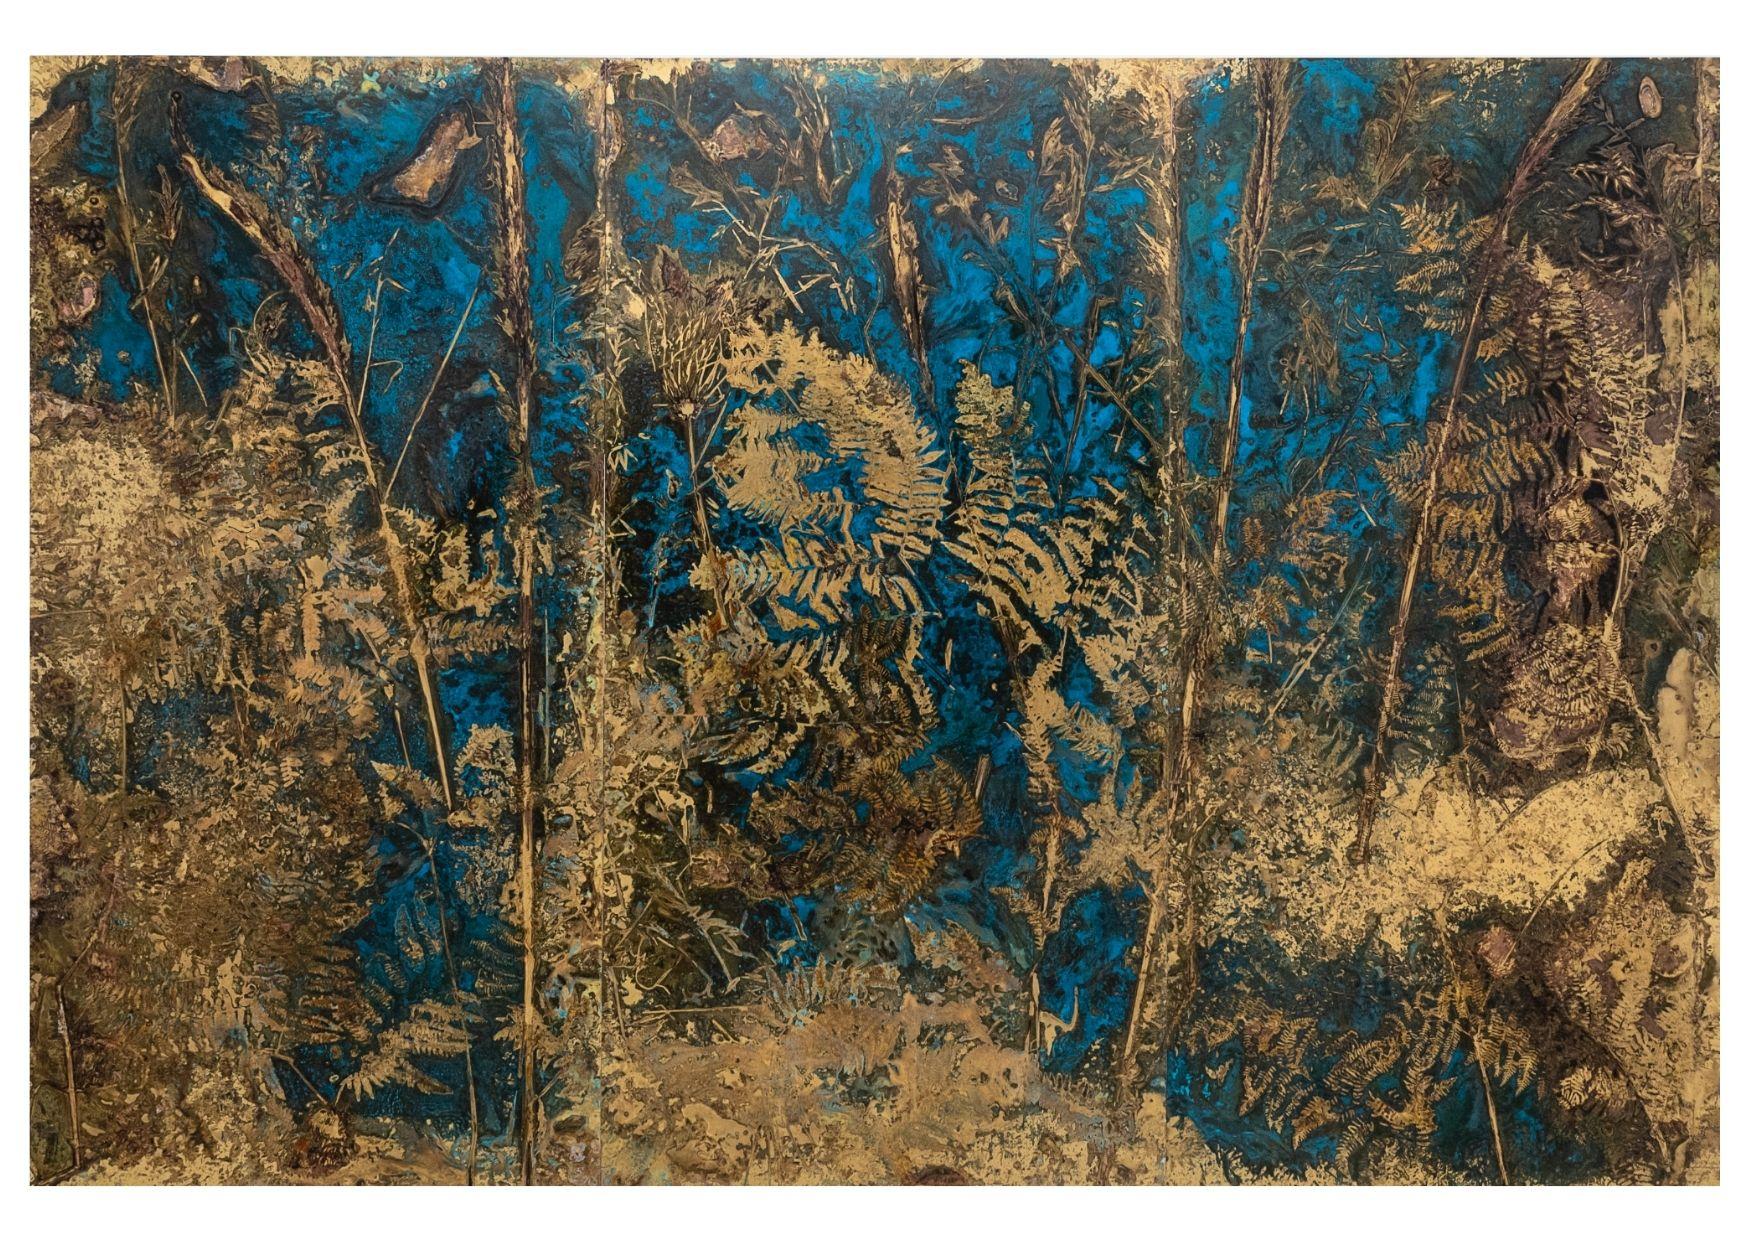 """""""N42.3920013 E11.4373892"""" 2021, ossidazione su ottone, trittico, 300 x 200 cm totali"""